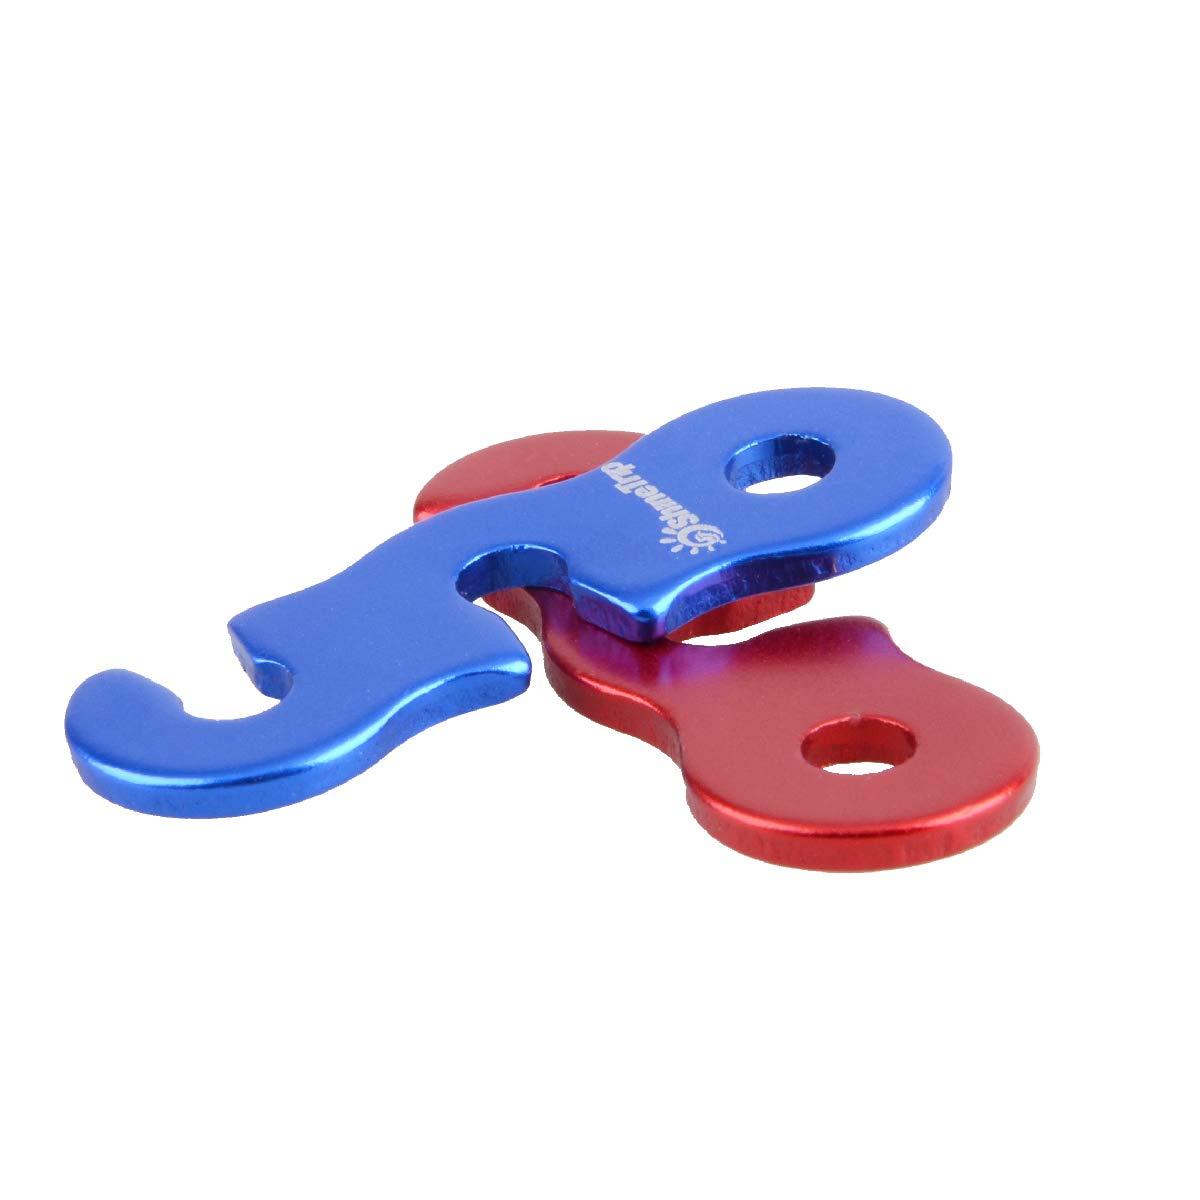 Azarxis Tensores de Cuerda para Tienda Aleaci/ón de Aluminio 12PCS Cuerda Paracord Ajustador de Guyline para Acampar